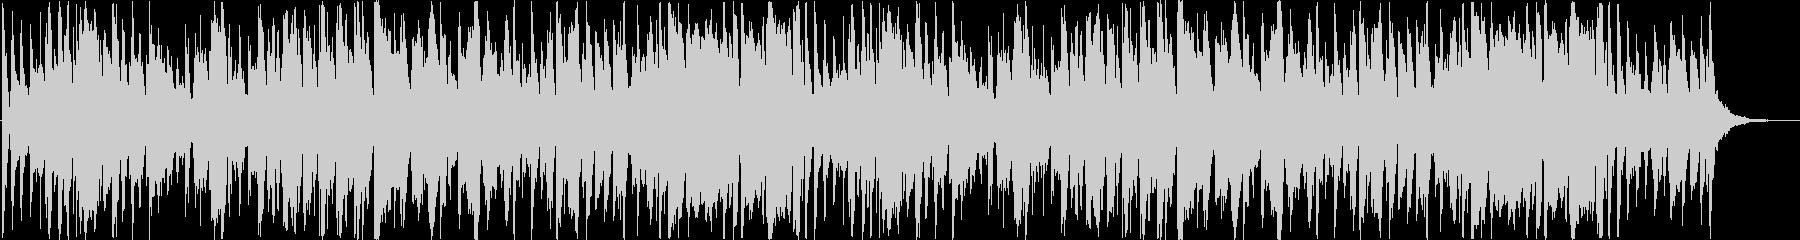 多くの有名なブルーススイングリフに...の未再生の波形